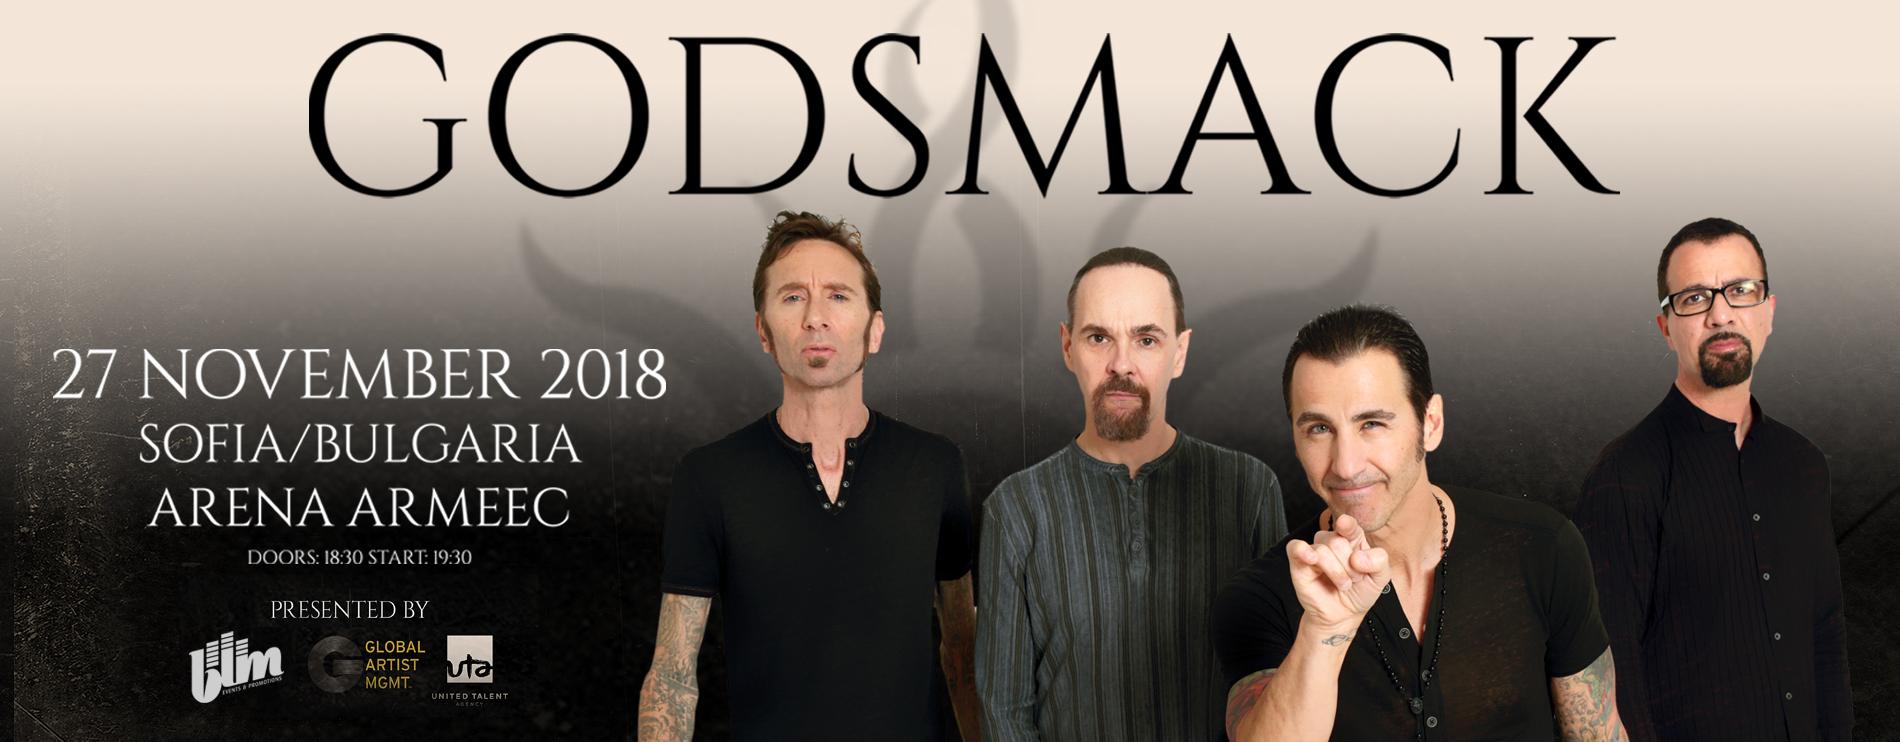 Godsmack-concert-sofia